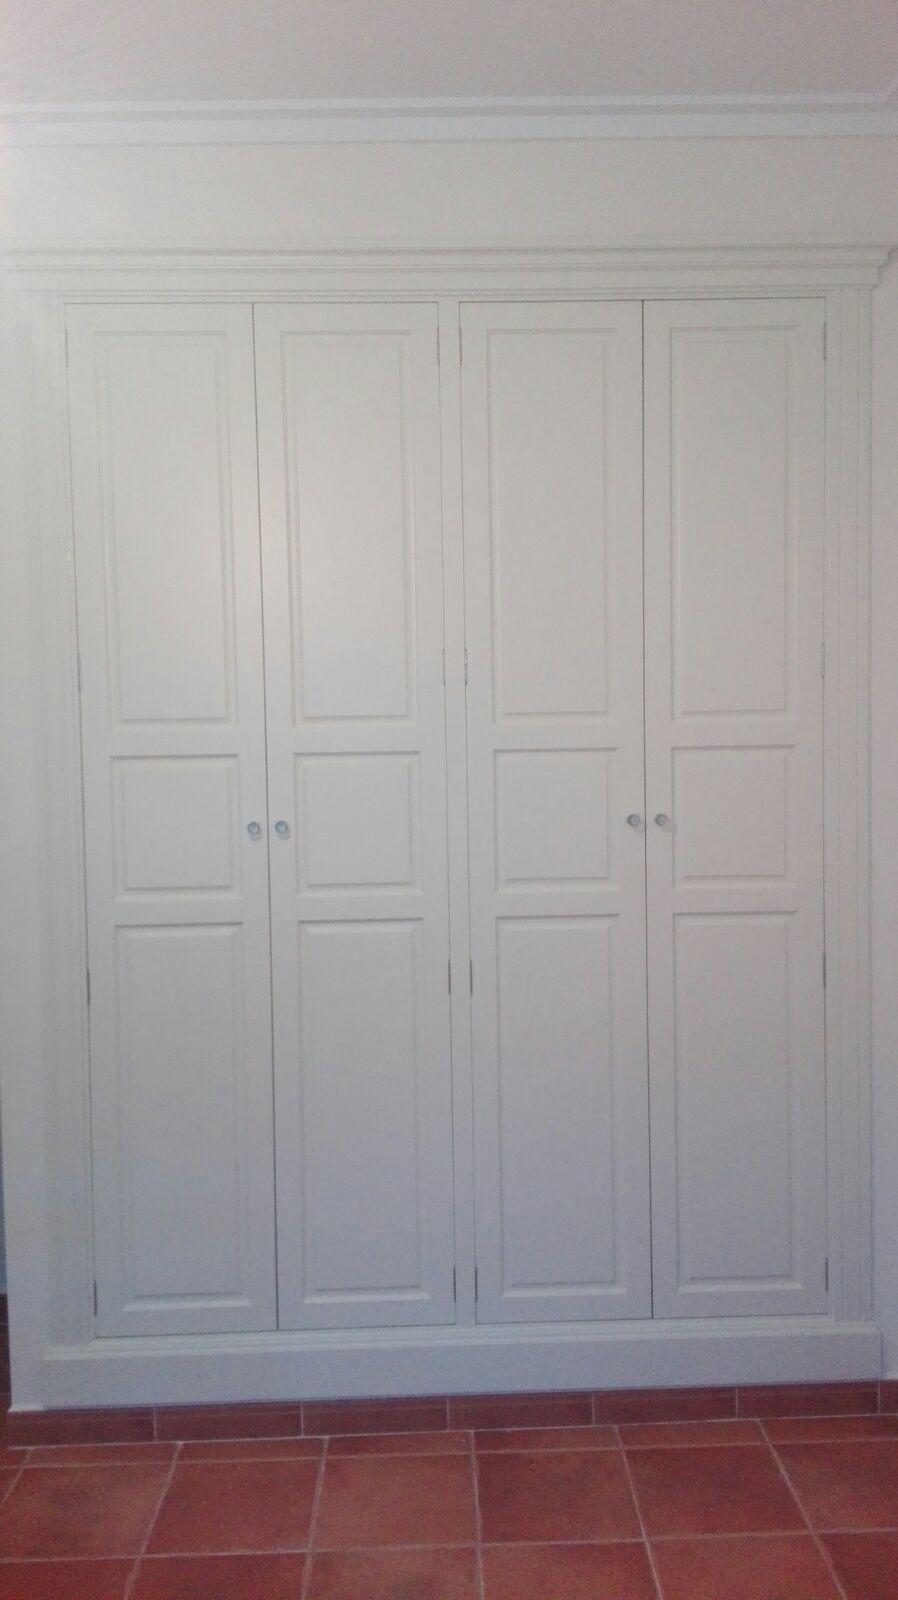 habitación blanca y terciopelo